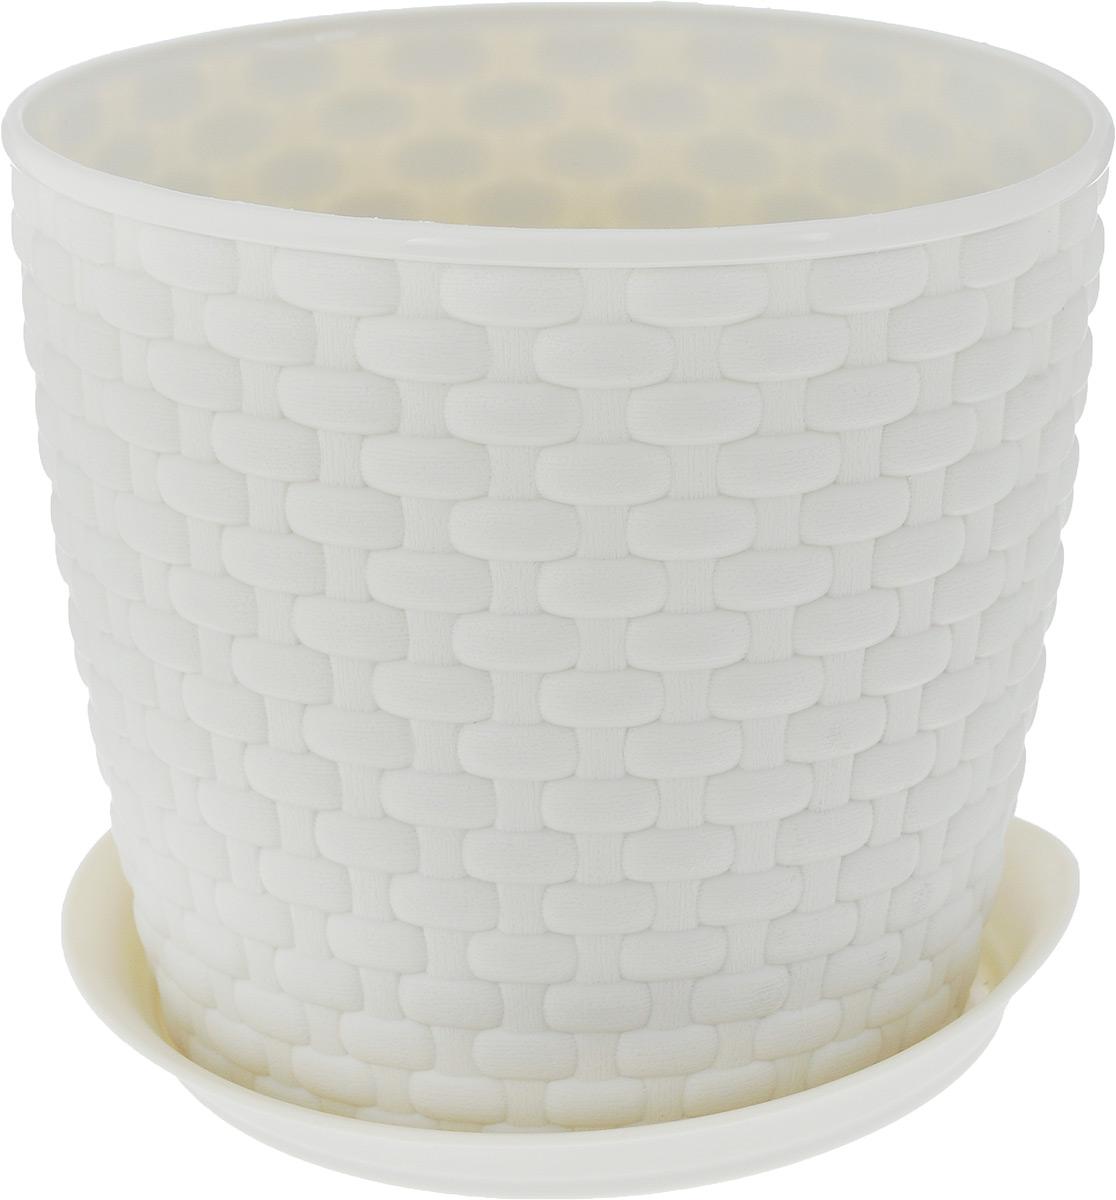 """Кашпо Idea """"Ротанг"""" изготовлено из высококачественного пластика. Специальный поддон предназначен для стока воды. Изделие прекрасно подходит для выращивания растений и цветов в домашних условиях. Лаконичный дизайн впишется в интерьер любого помещения. Диаметр поддона: 15,5 см. Объем кашпо: 2 л.Диаметр кашпо по верхнему краю: 15,5 см.Высота кашпо: 13,5 см."""